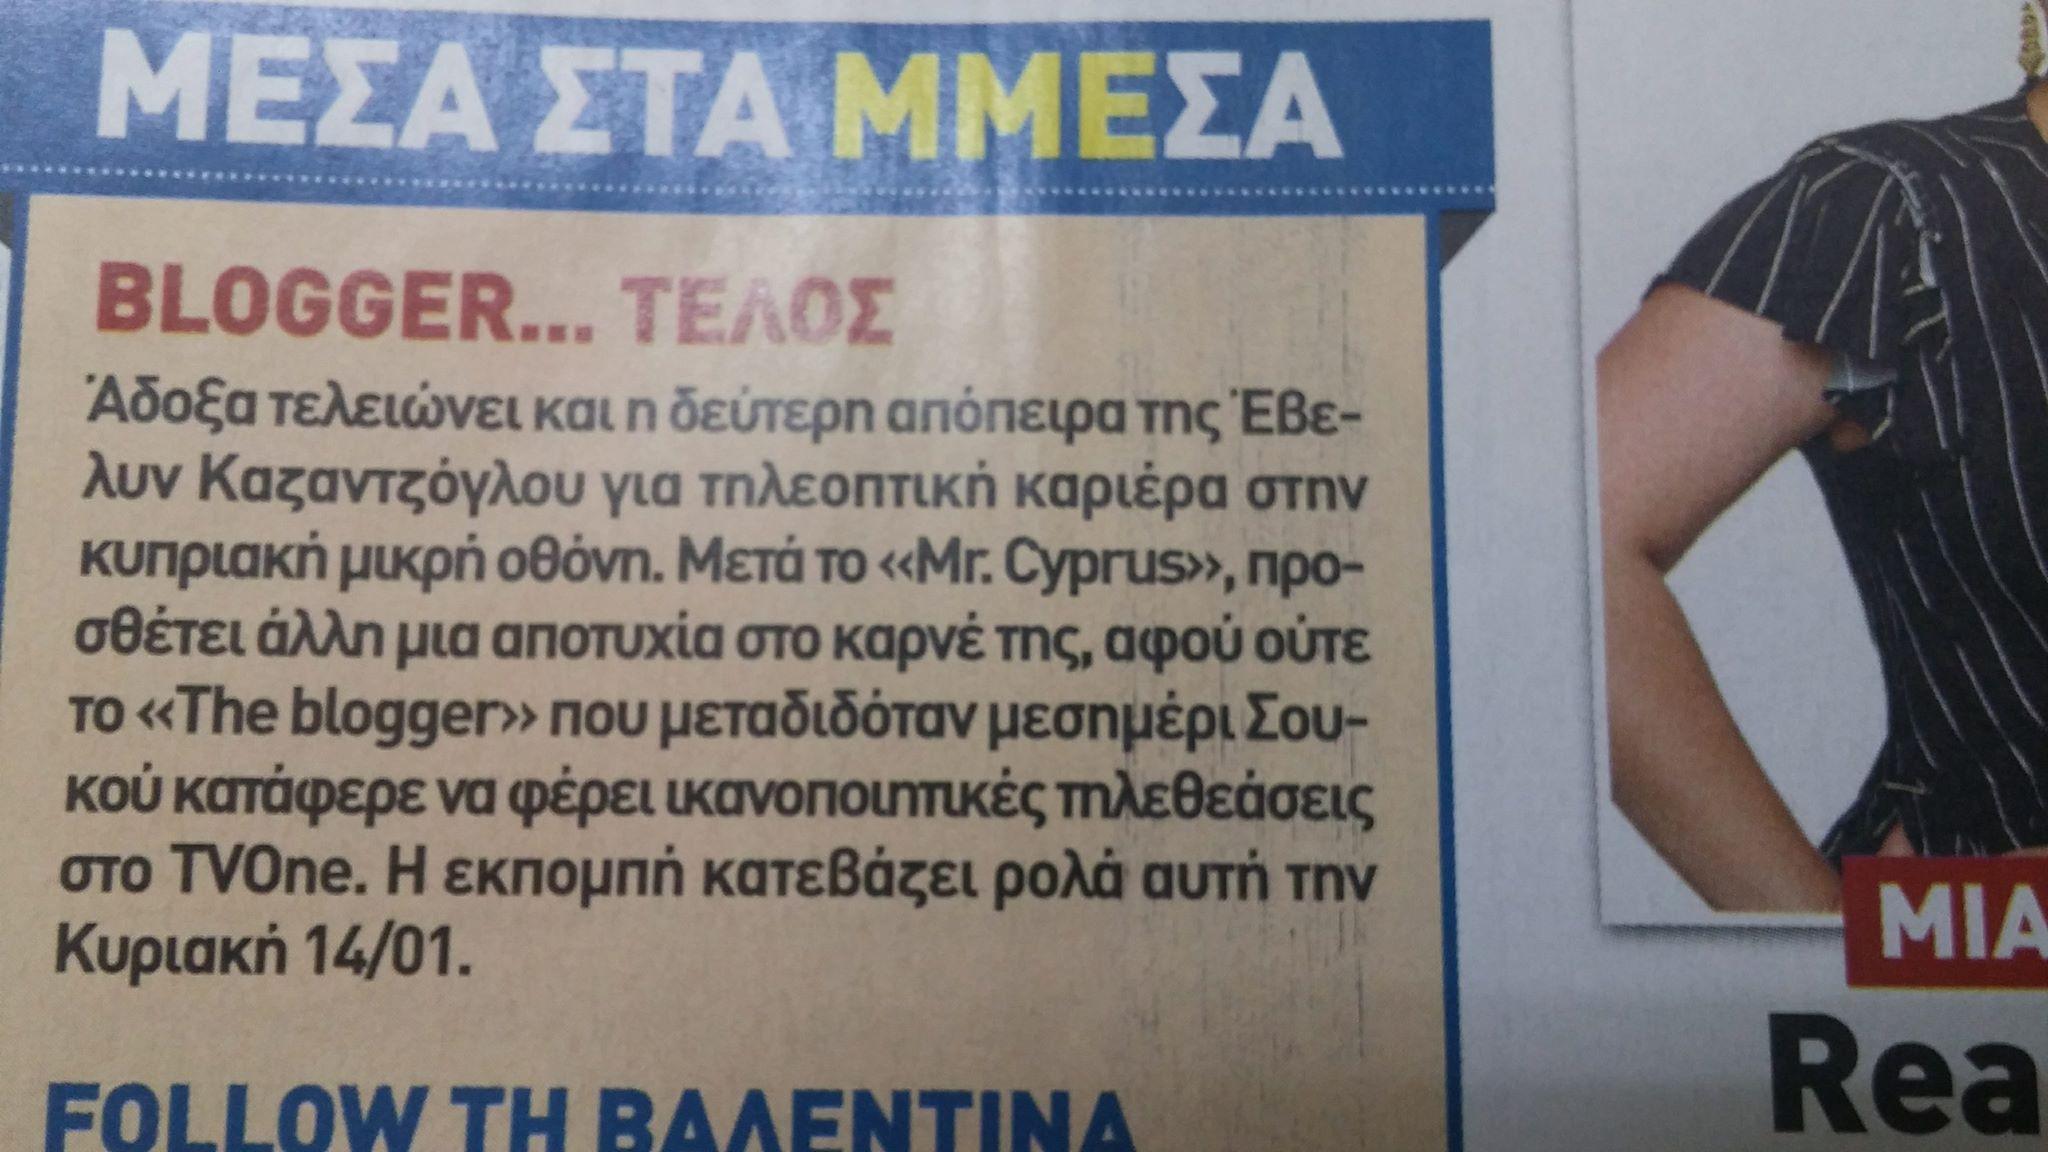 Κυπριακή ιστοσελίδα γνωριμιών που βγαίνει με ένα μάγμα του κεφαλαίου 9